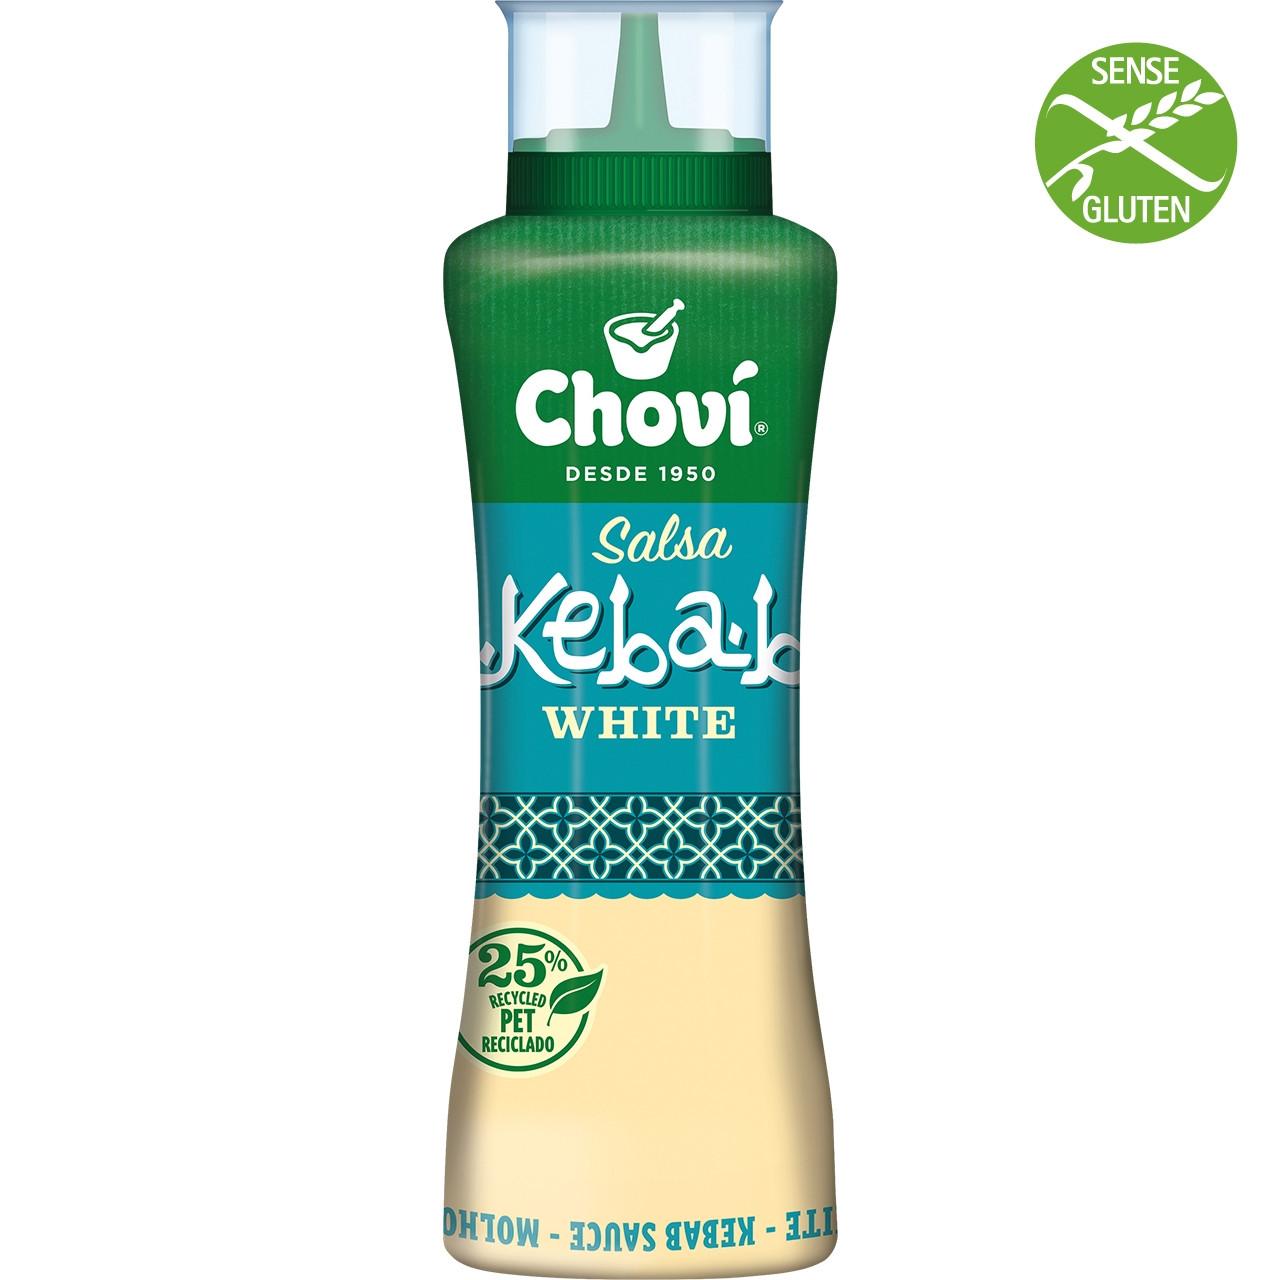 Salsa kebab blanca suau Chovi